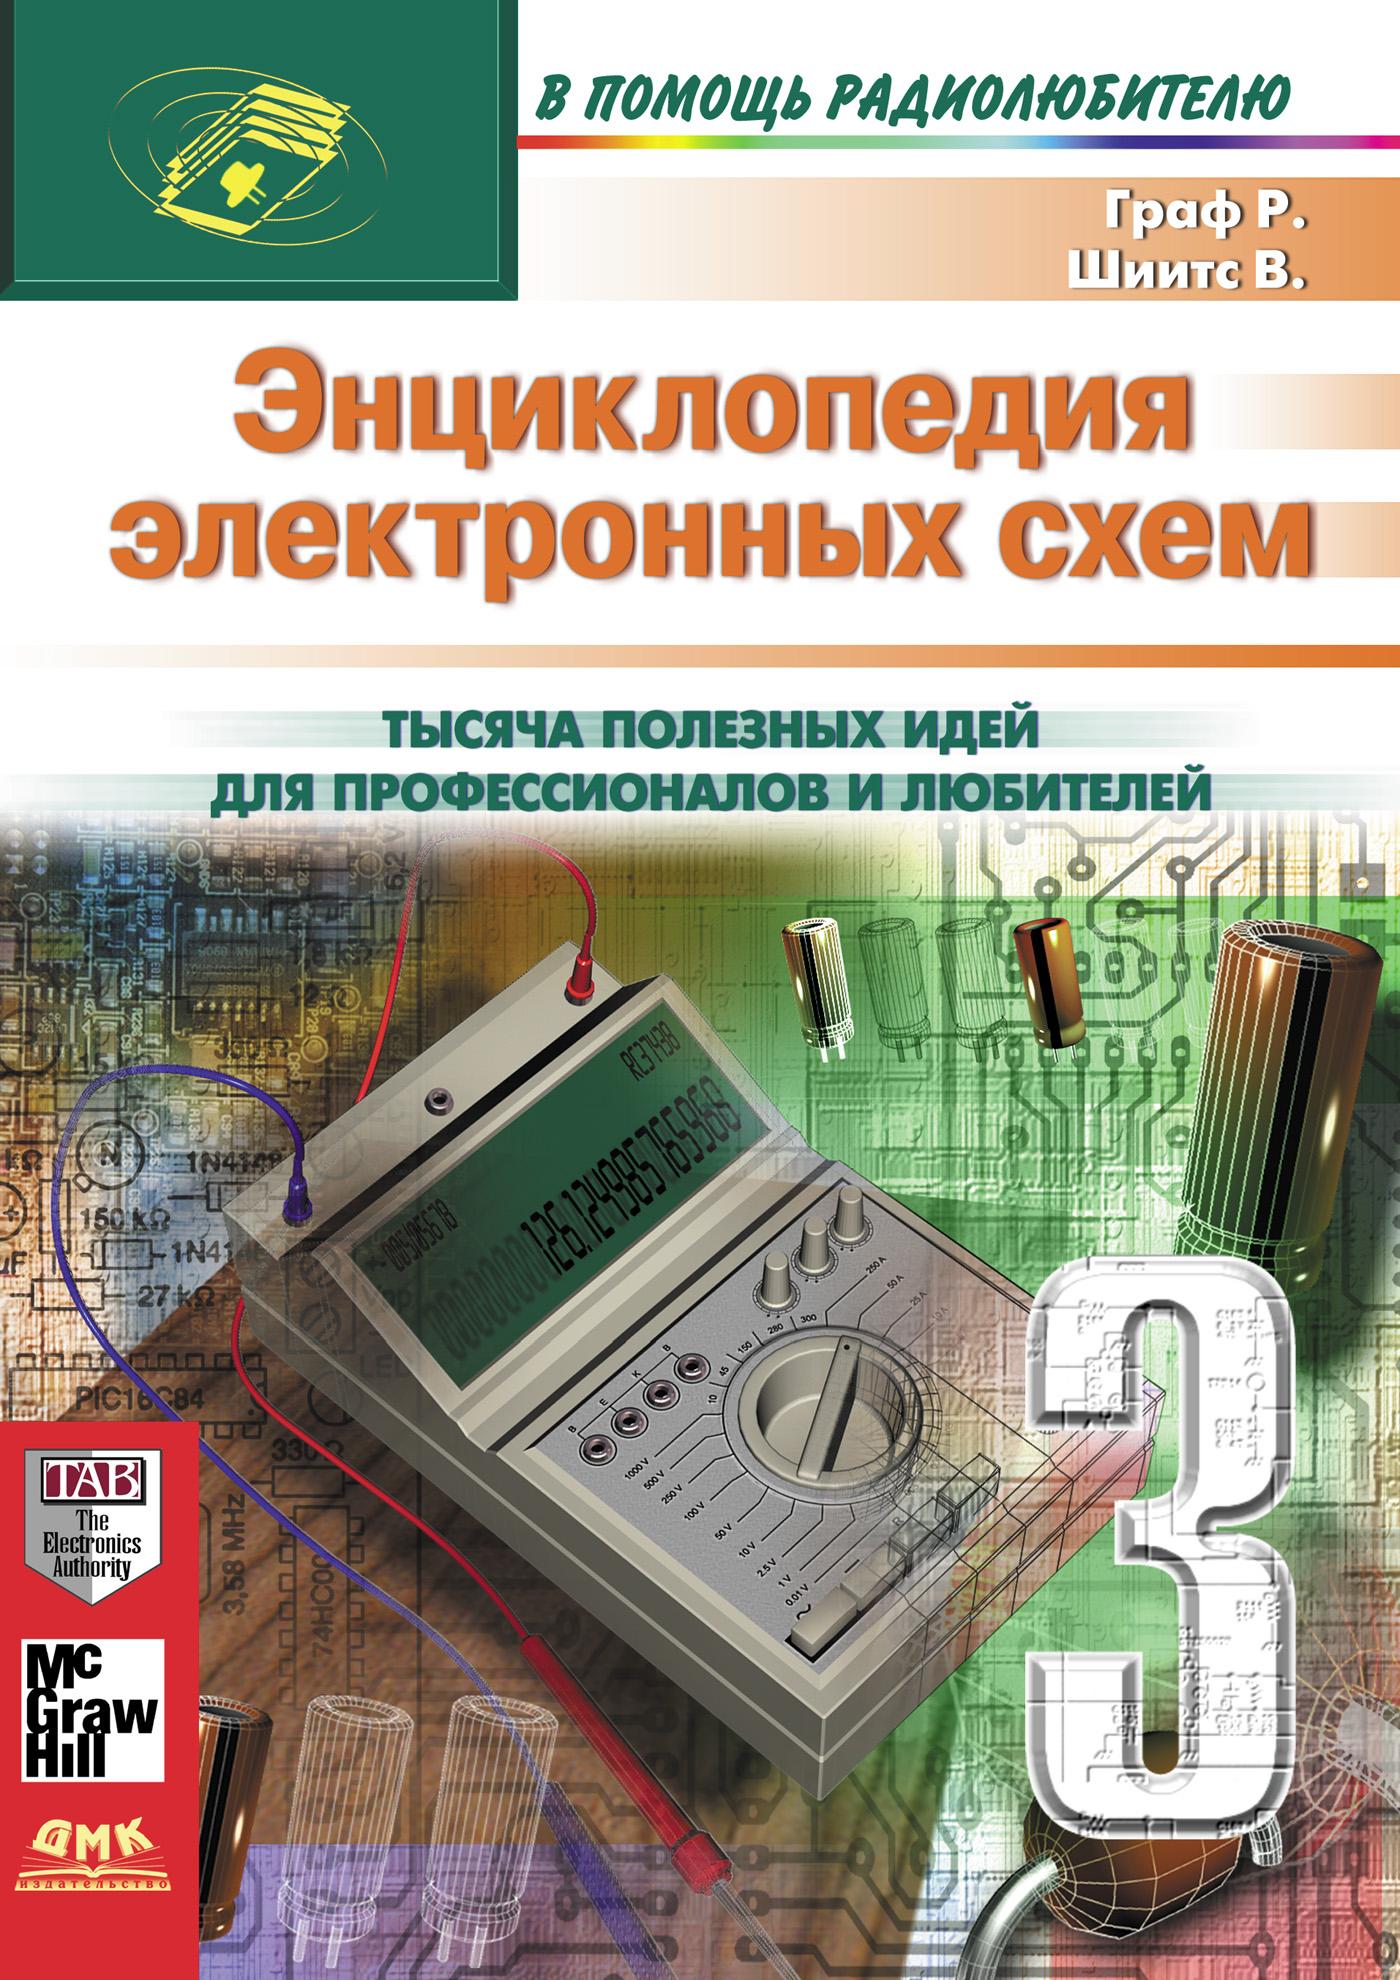 Энциклопедия электронных схем. Том 7. Часть III